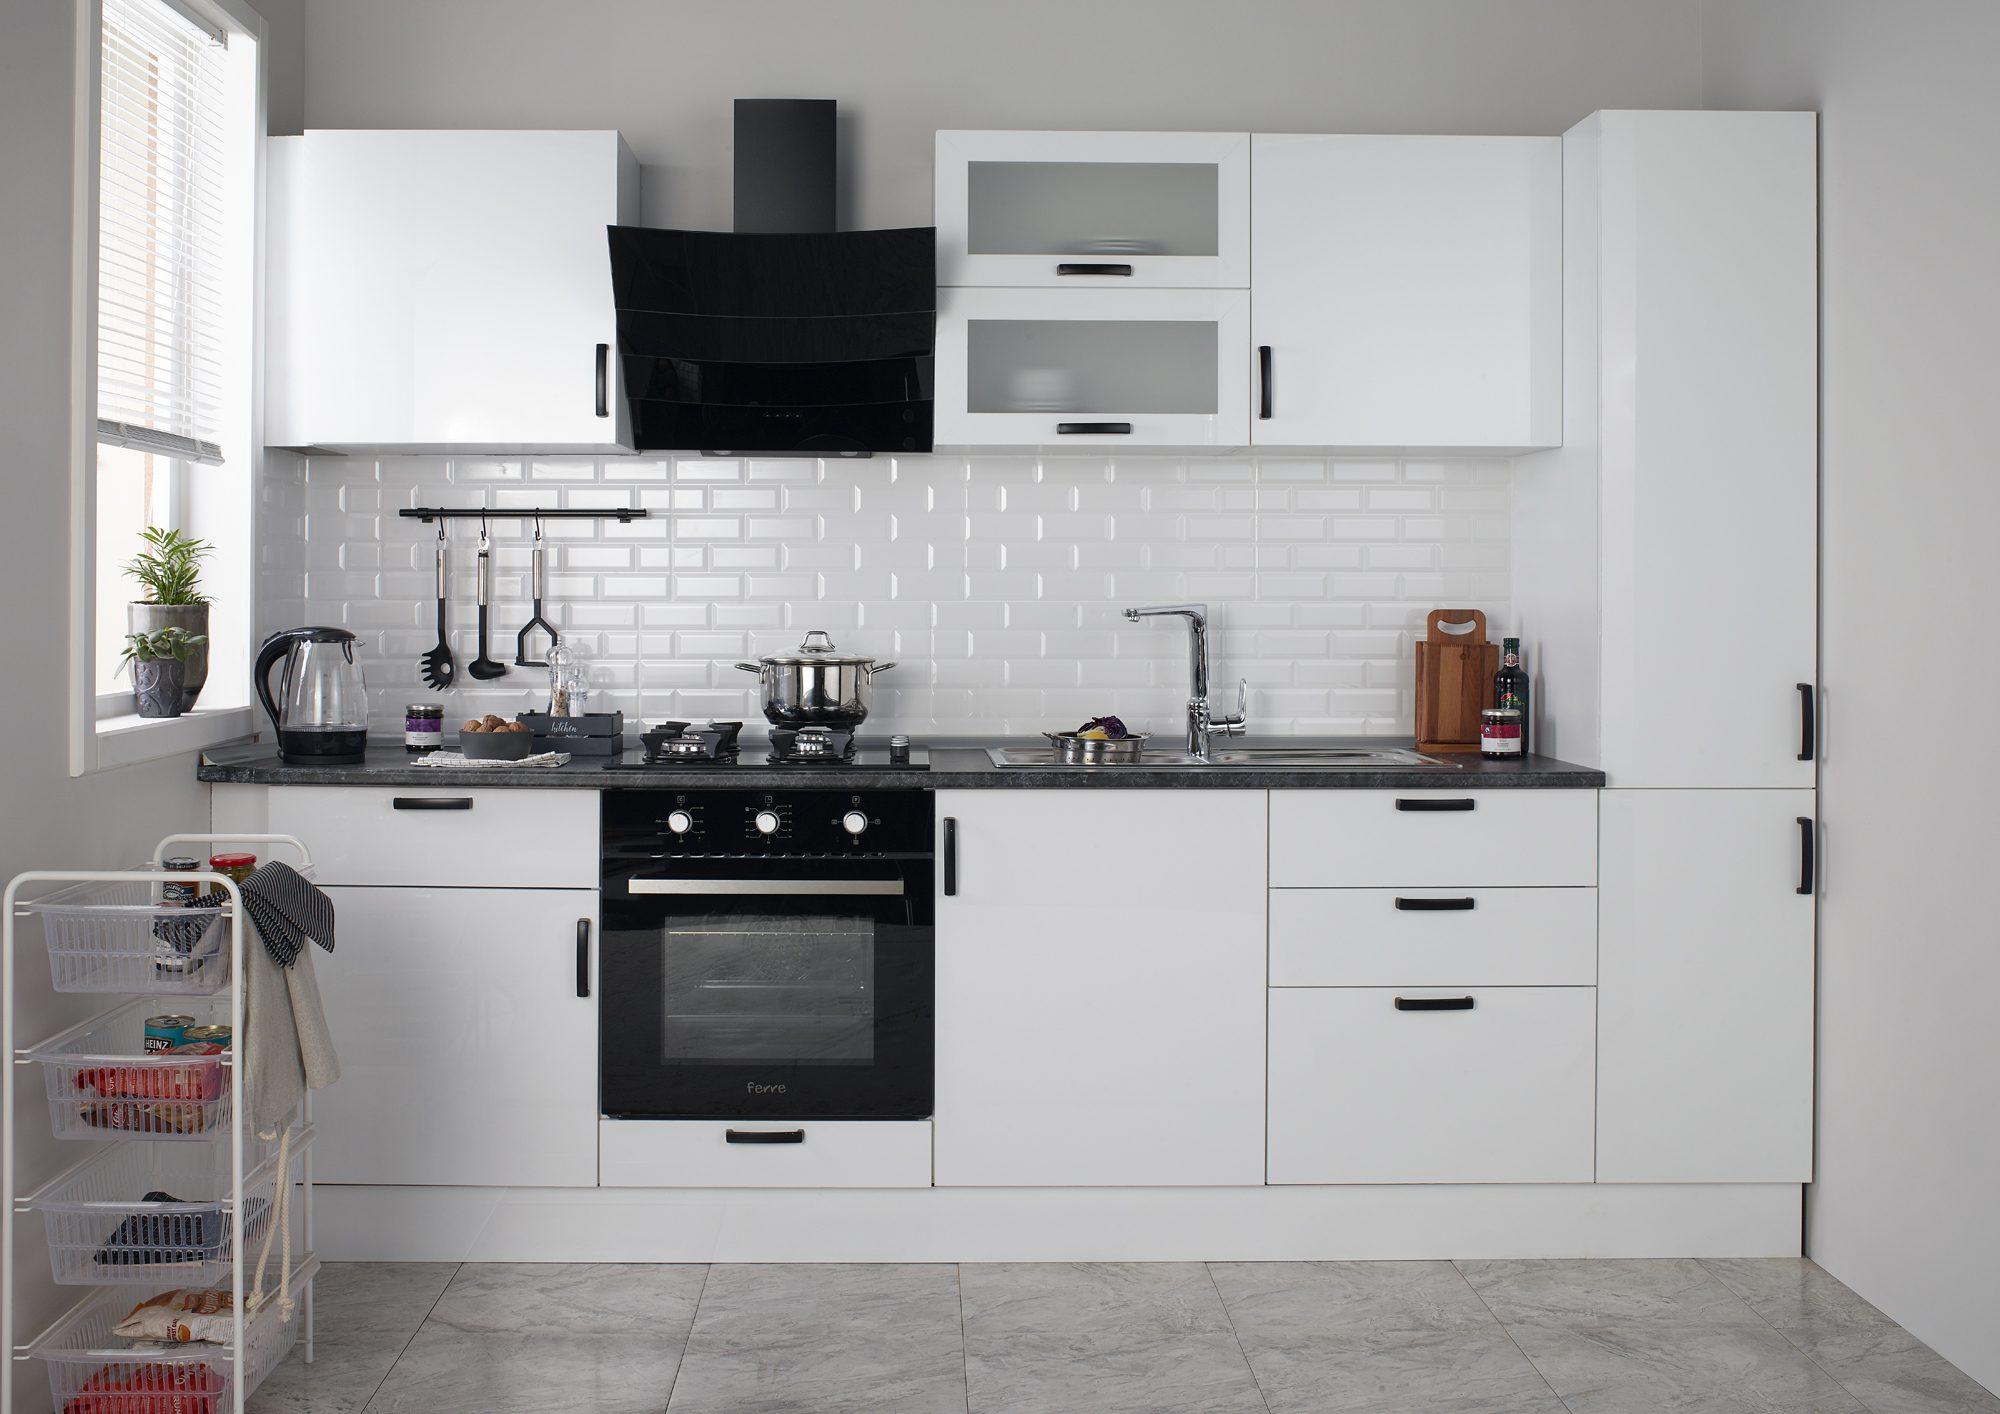 Mutfak Temizliği İçin Pratik Bilgiler